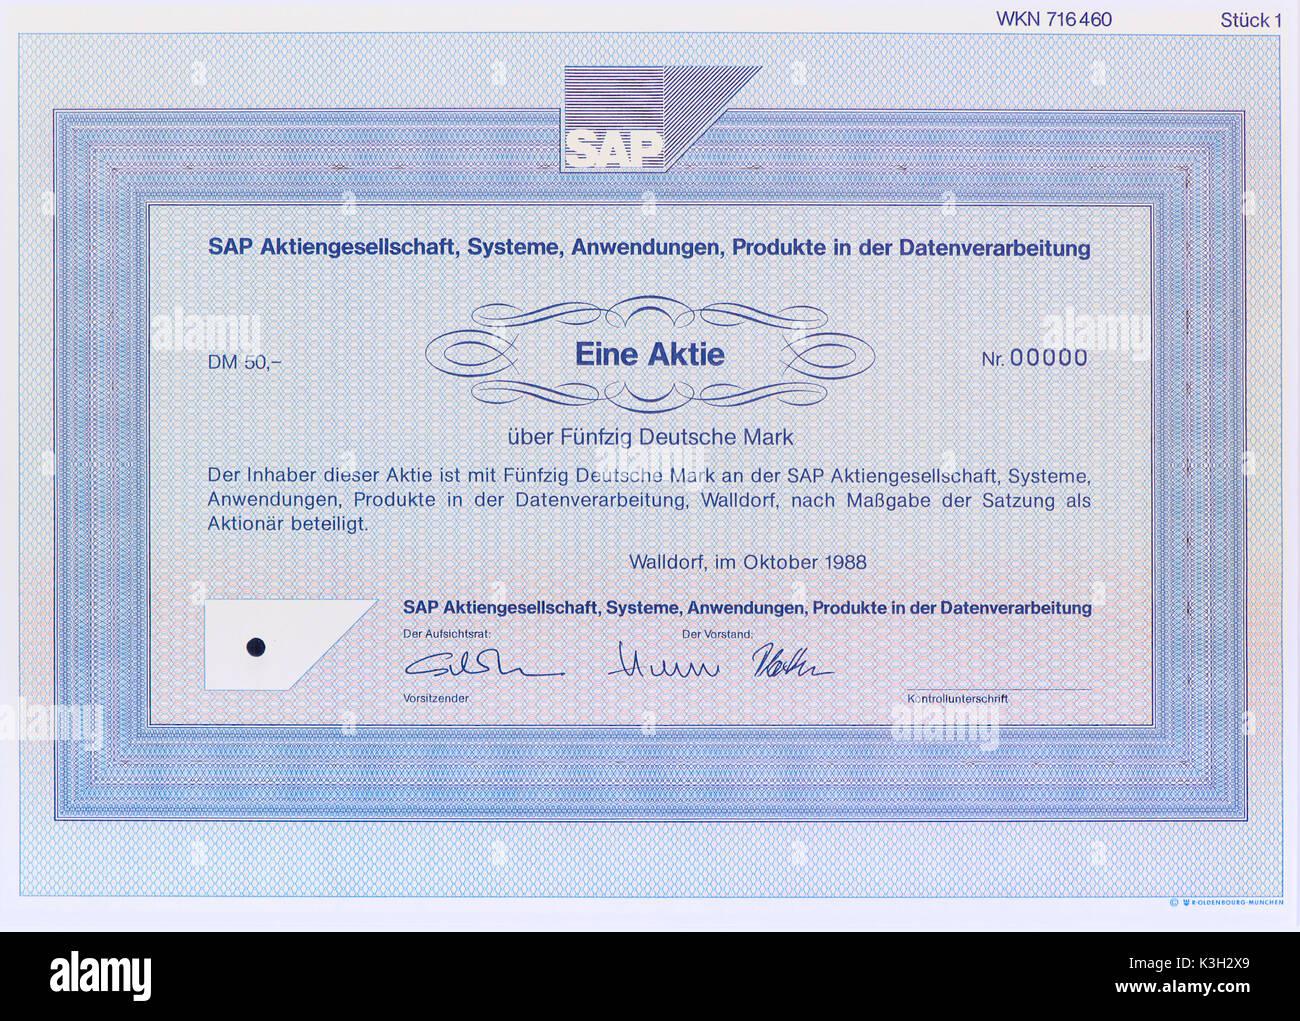 Le bilan de l'entreprise SAP, systèmes, applications, produits, le traitement des données Photo Stock